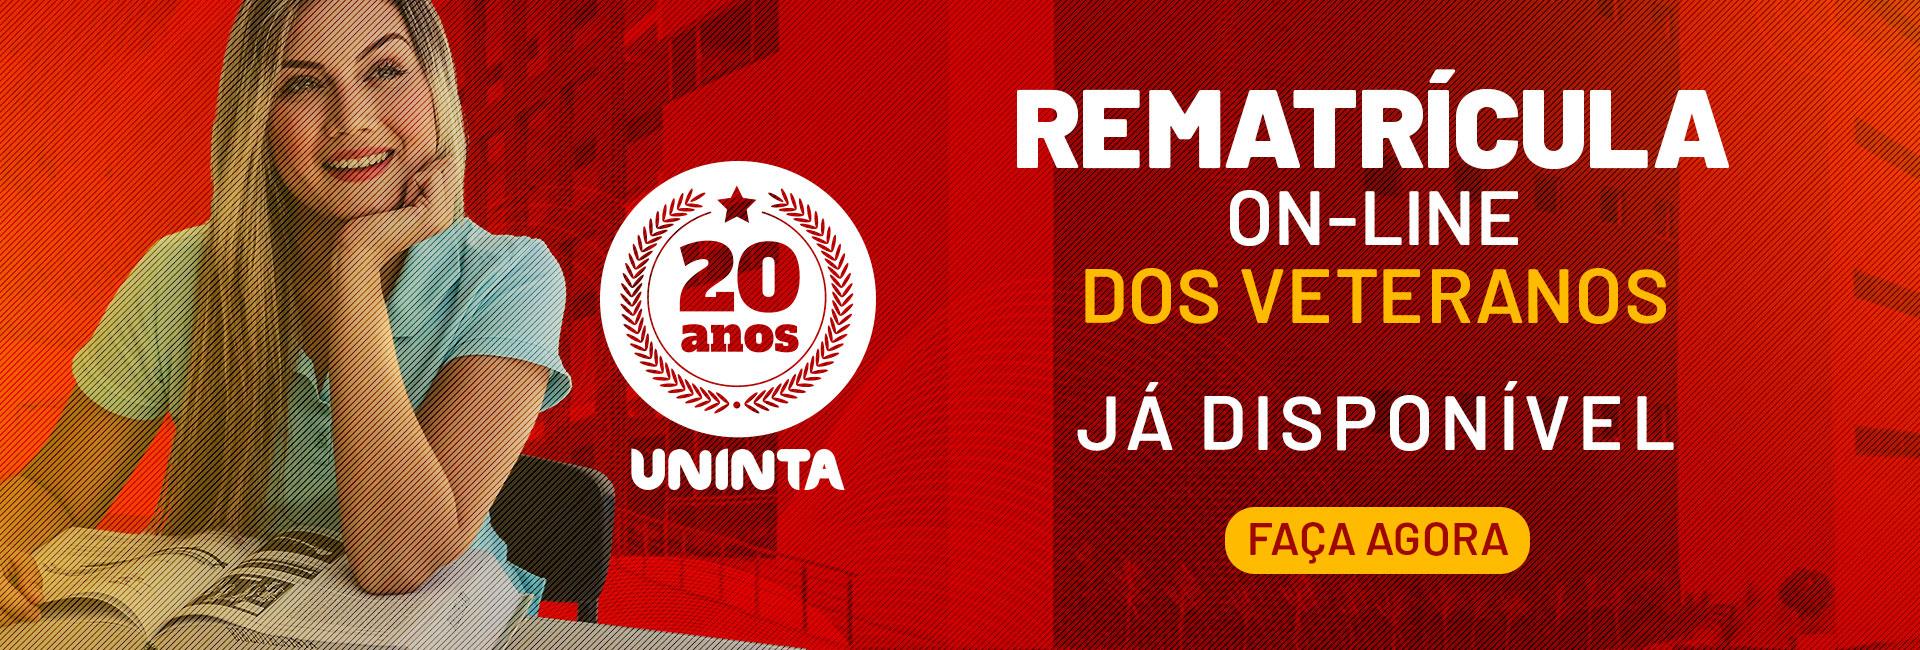 Rematrícula On-line dos Veteranos - FAÇA AGORA!